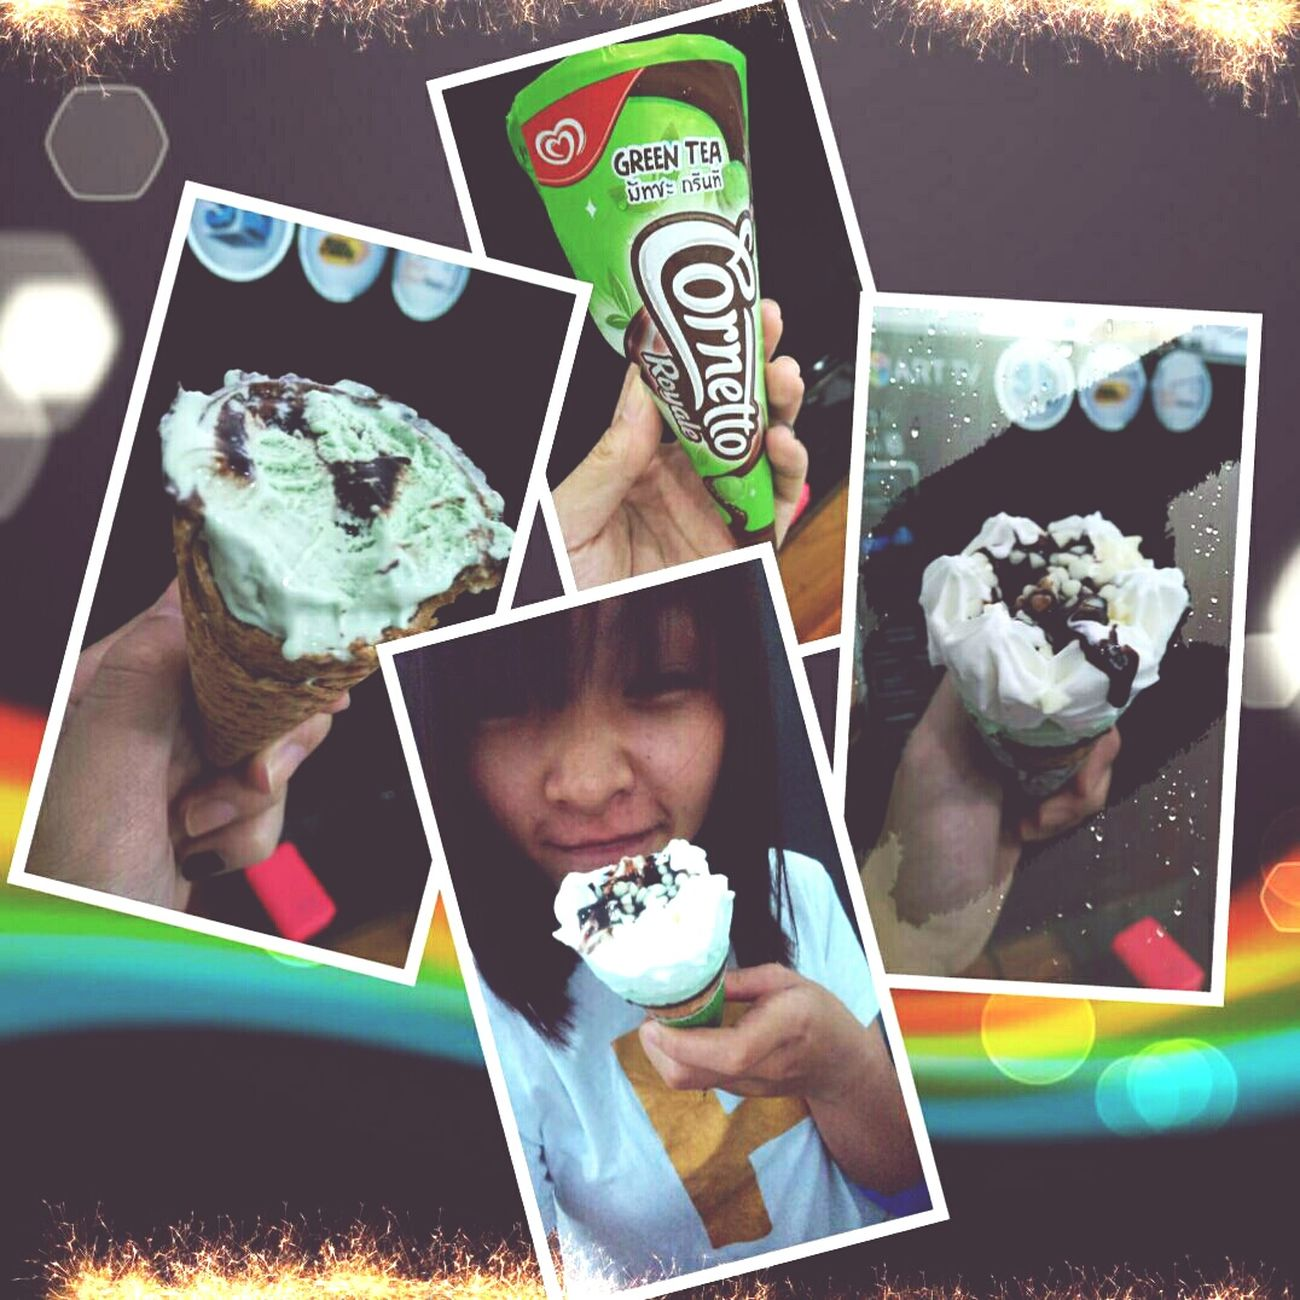 周末 當保母. Green Tea 冰淇淋 奇怪的味道 :))))))))))